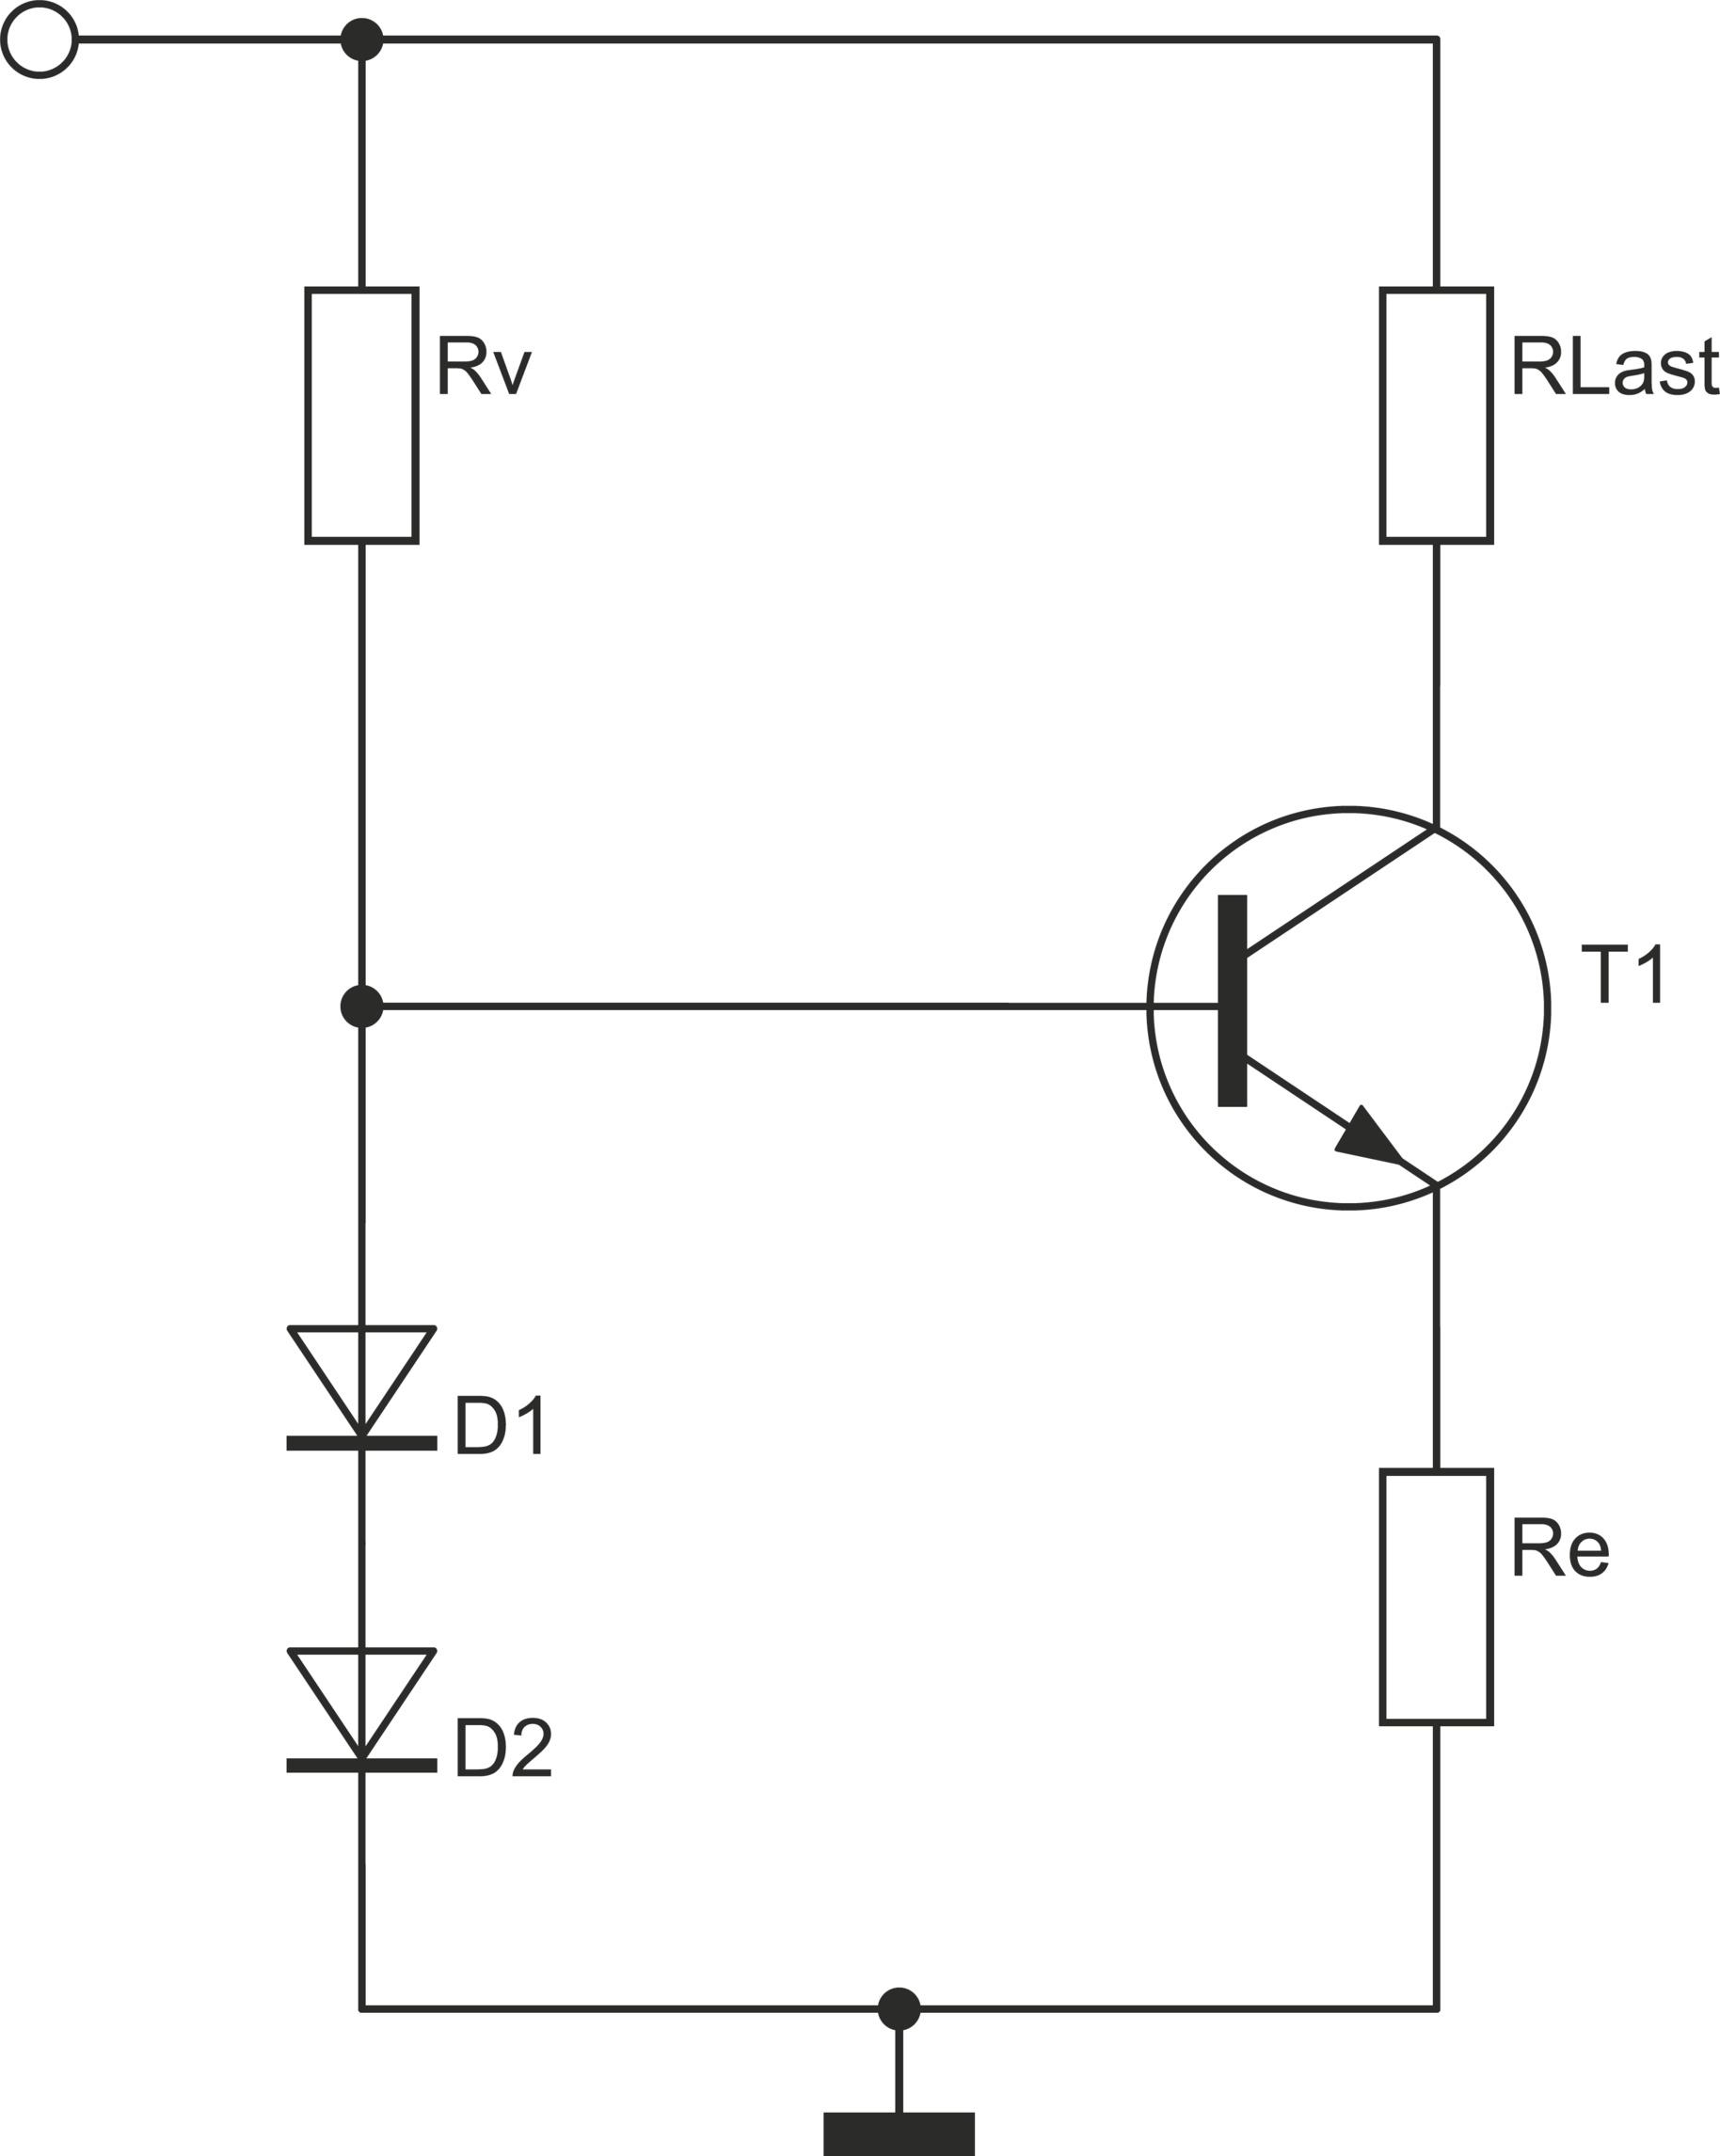 Erfreut Einfache Elektrische Schaltpläne Bilder - Schaltplan-Ideen ...